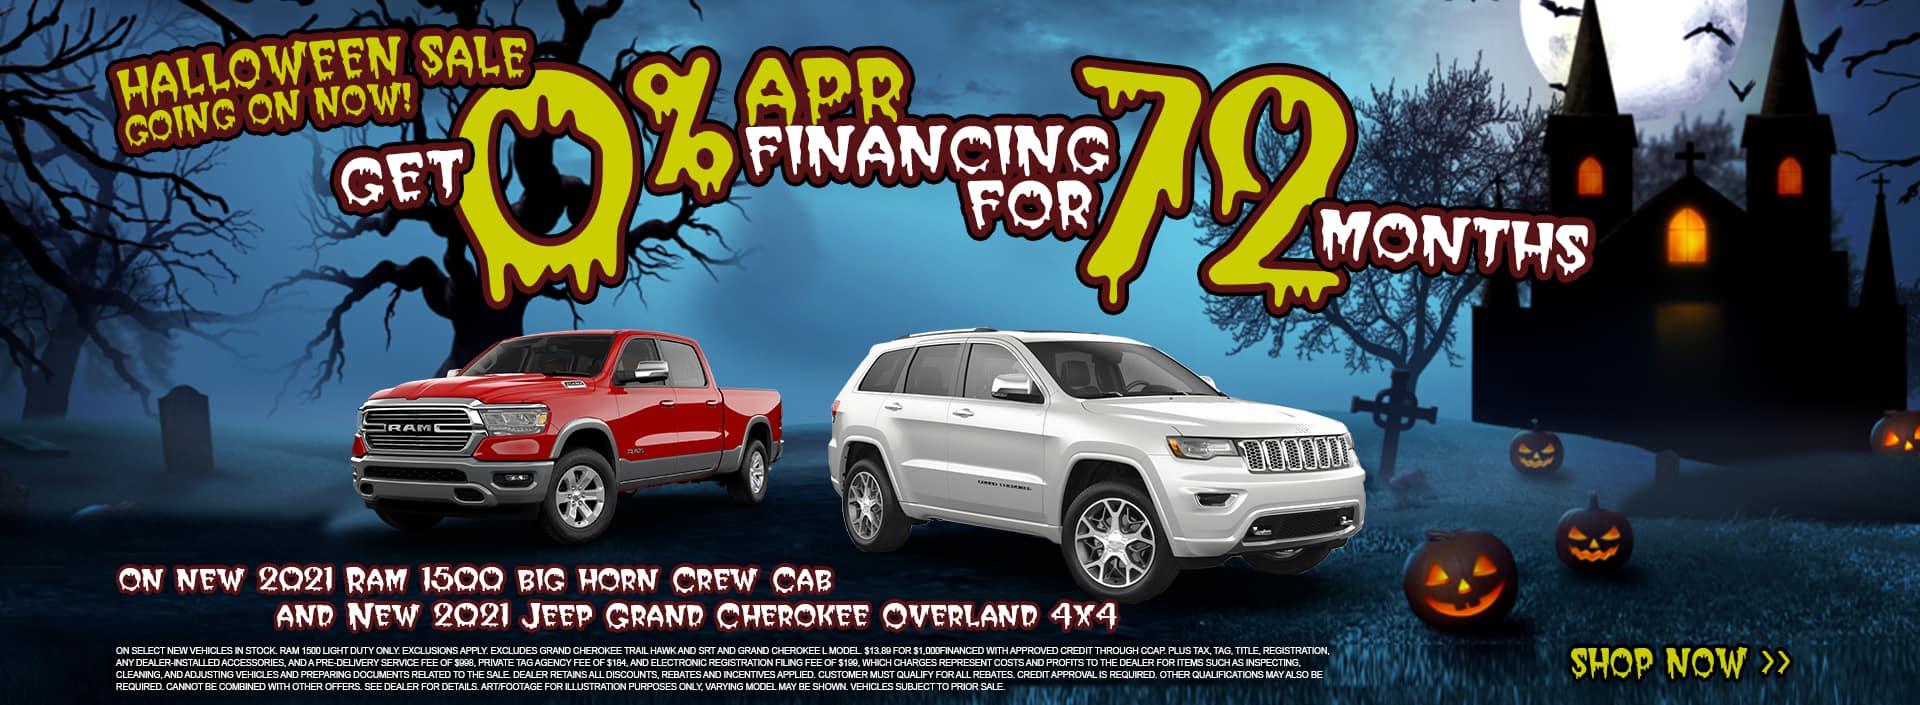 83182-WB-ARGO_1920x705_apr-ram-jeep